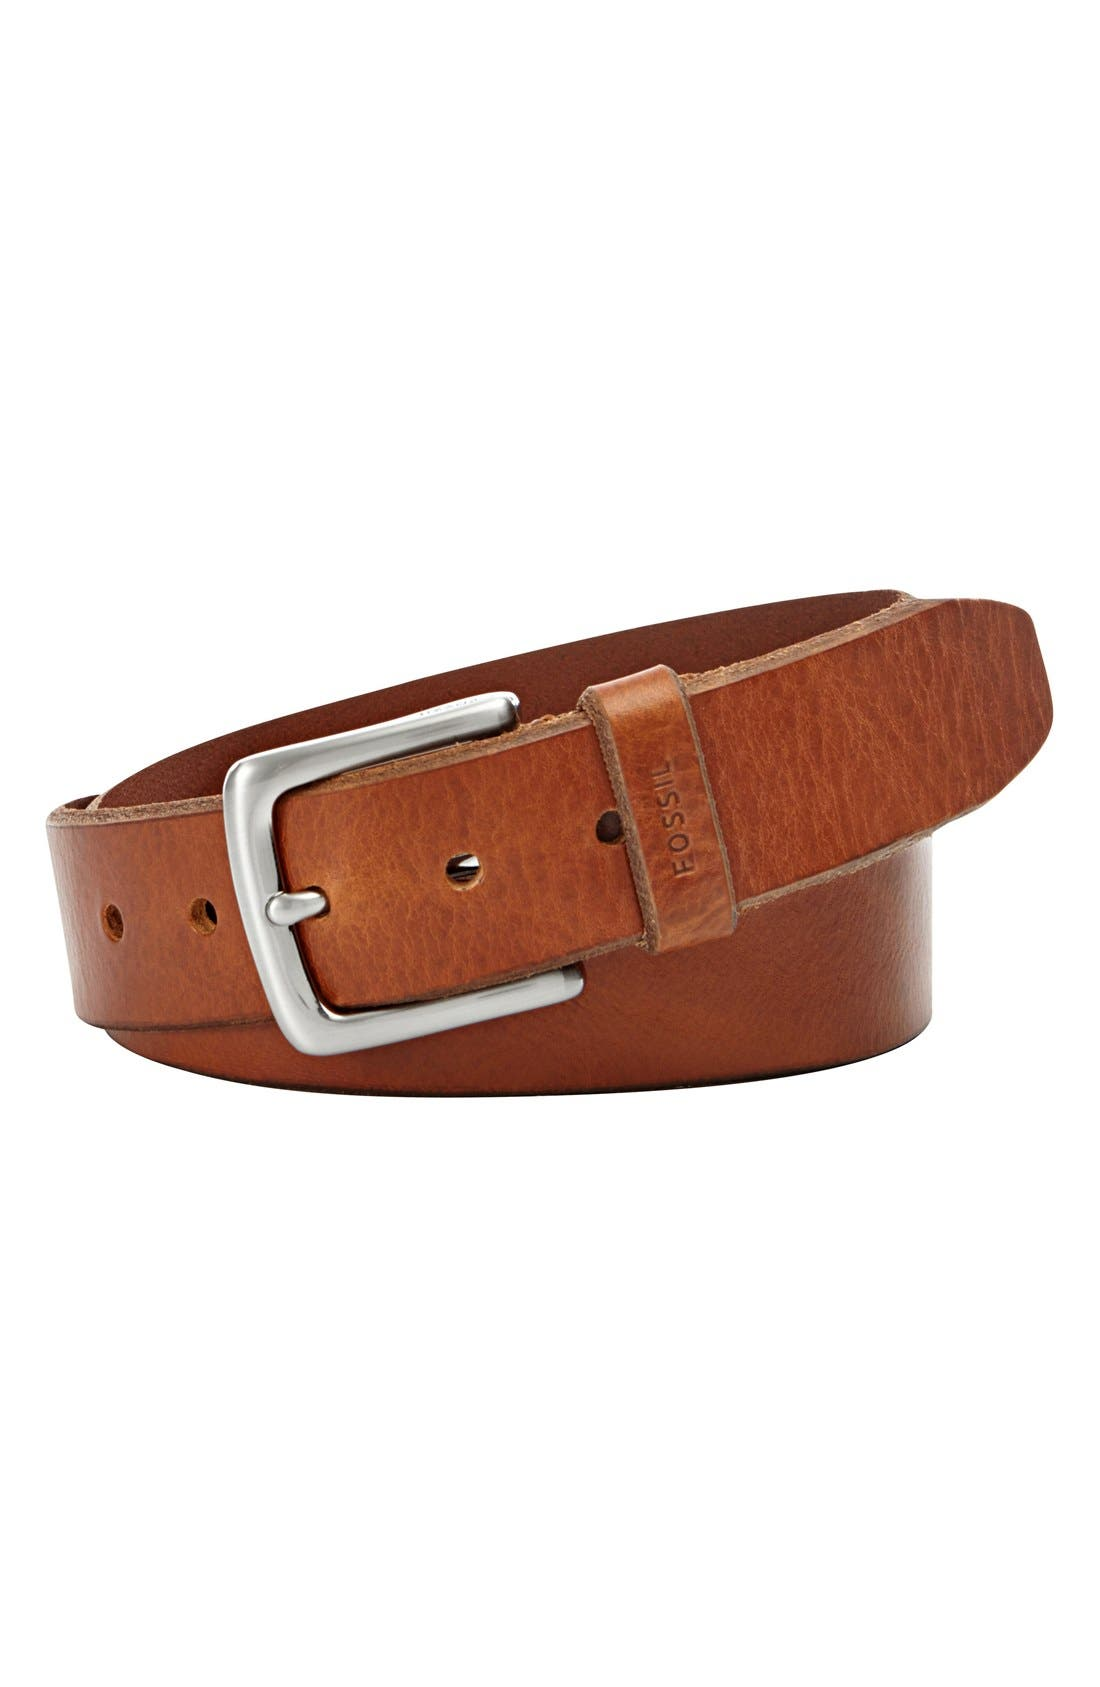 'Joe' Leather Belt,                             Main thumbnail 1, color,                             242